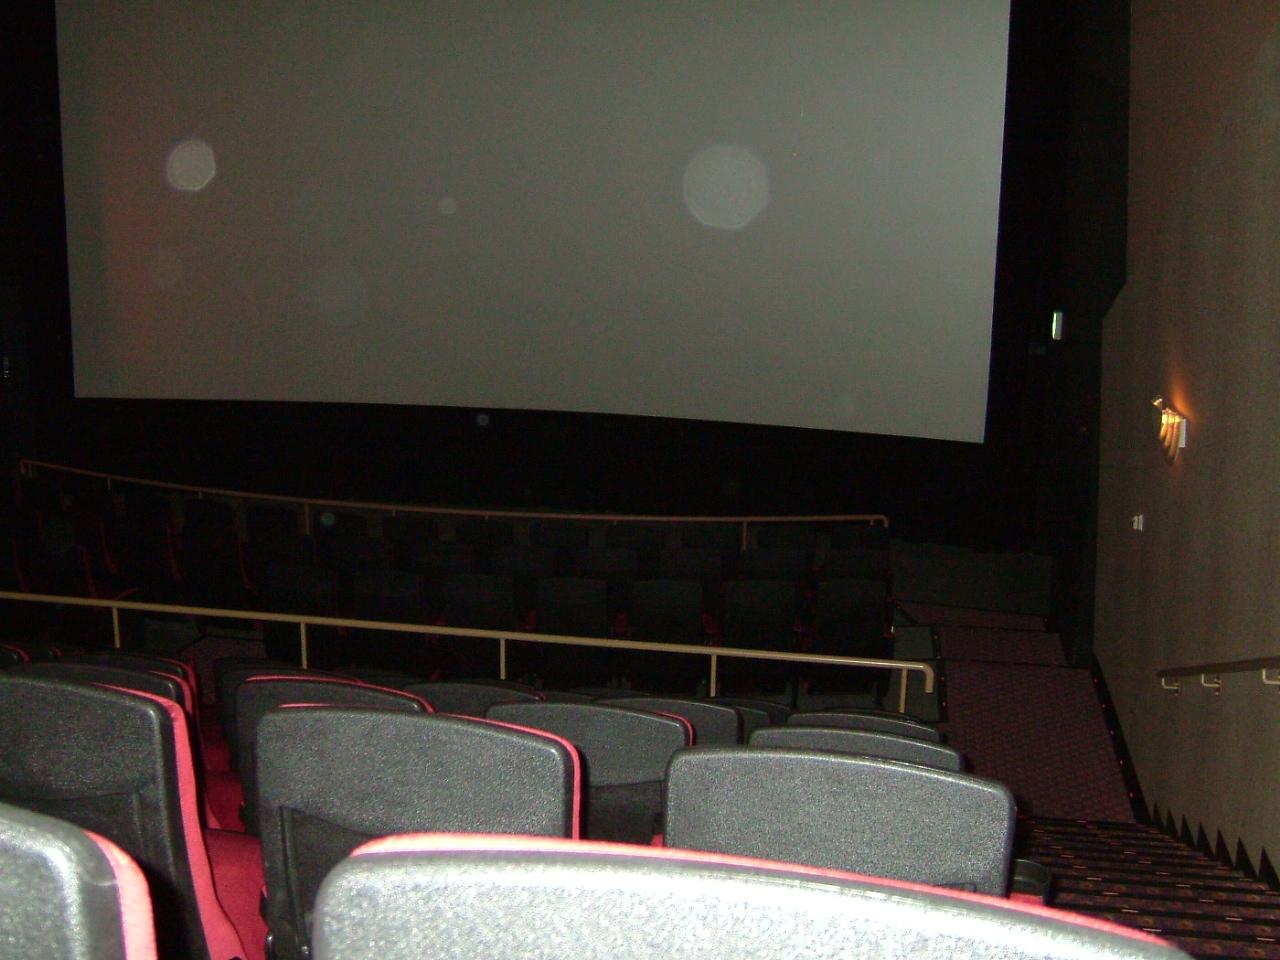 映画館の画像 p1_38